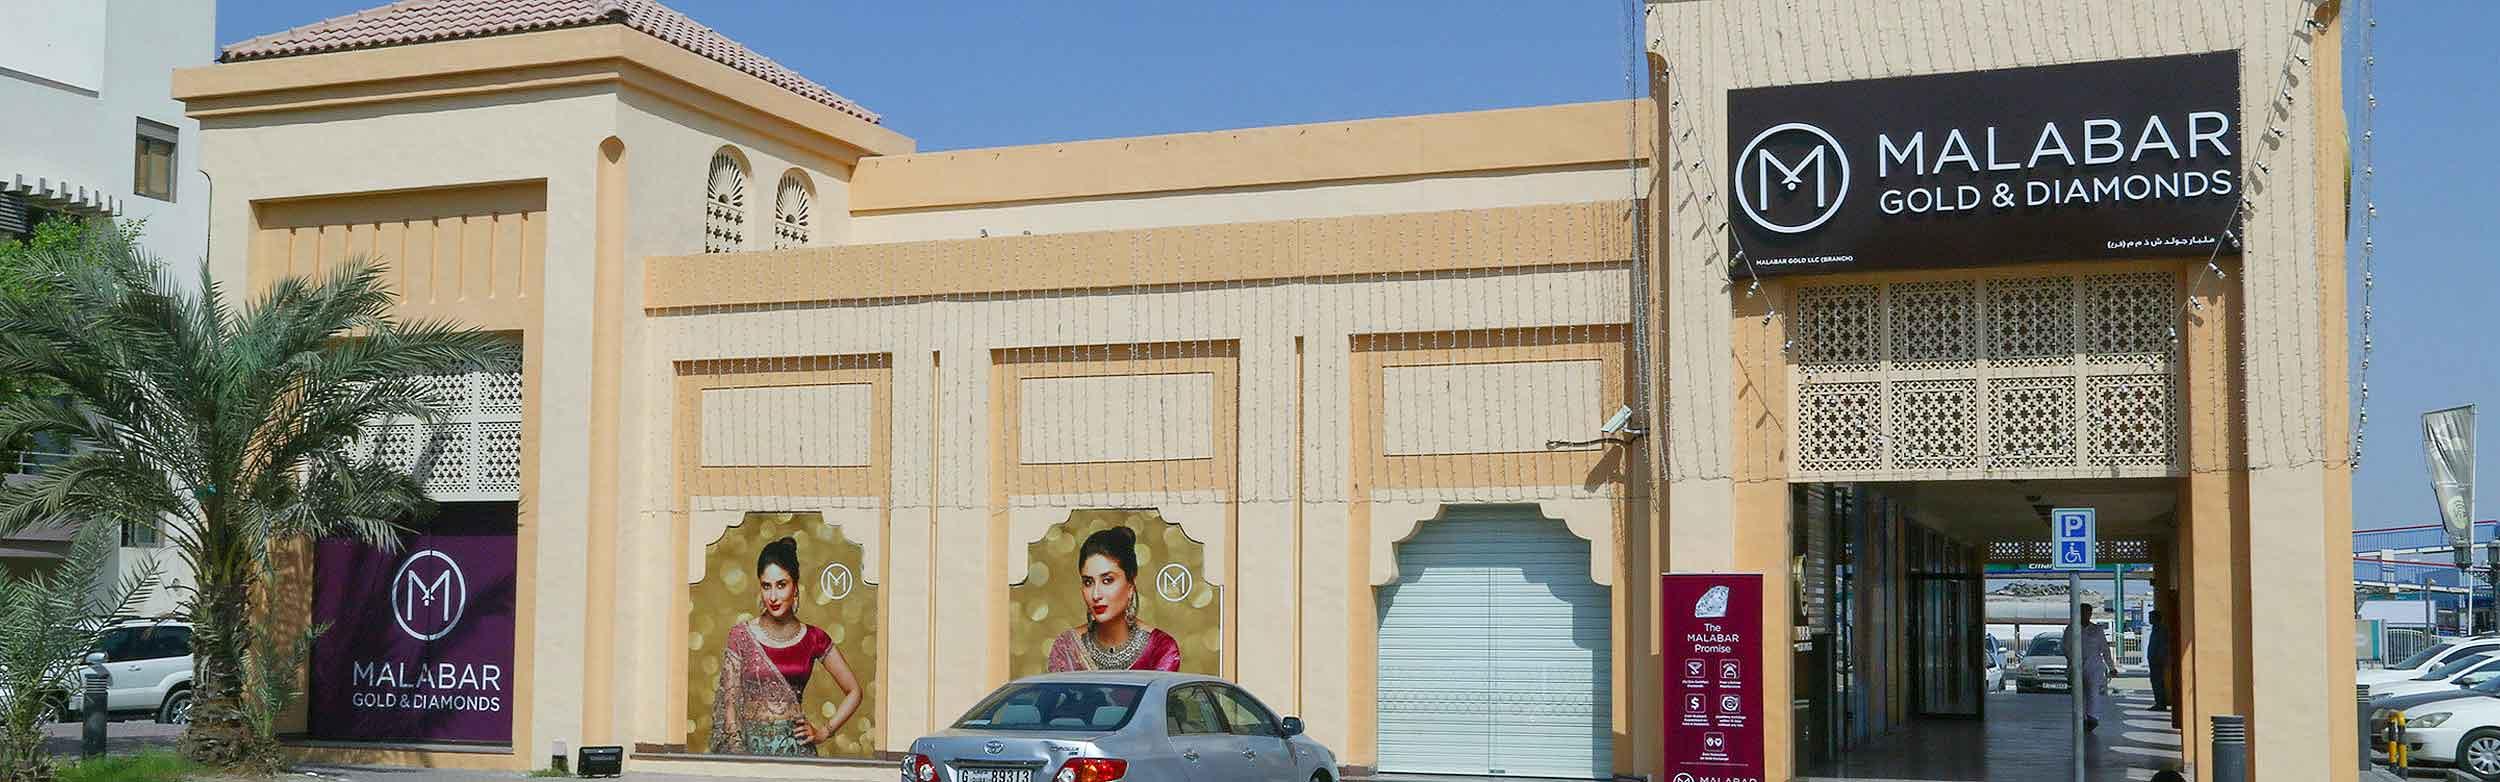 Malabar gold jewellery designs dubai - Malabar Gold Jewellery Designs Dubai 31